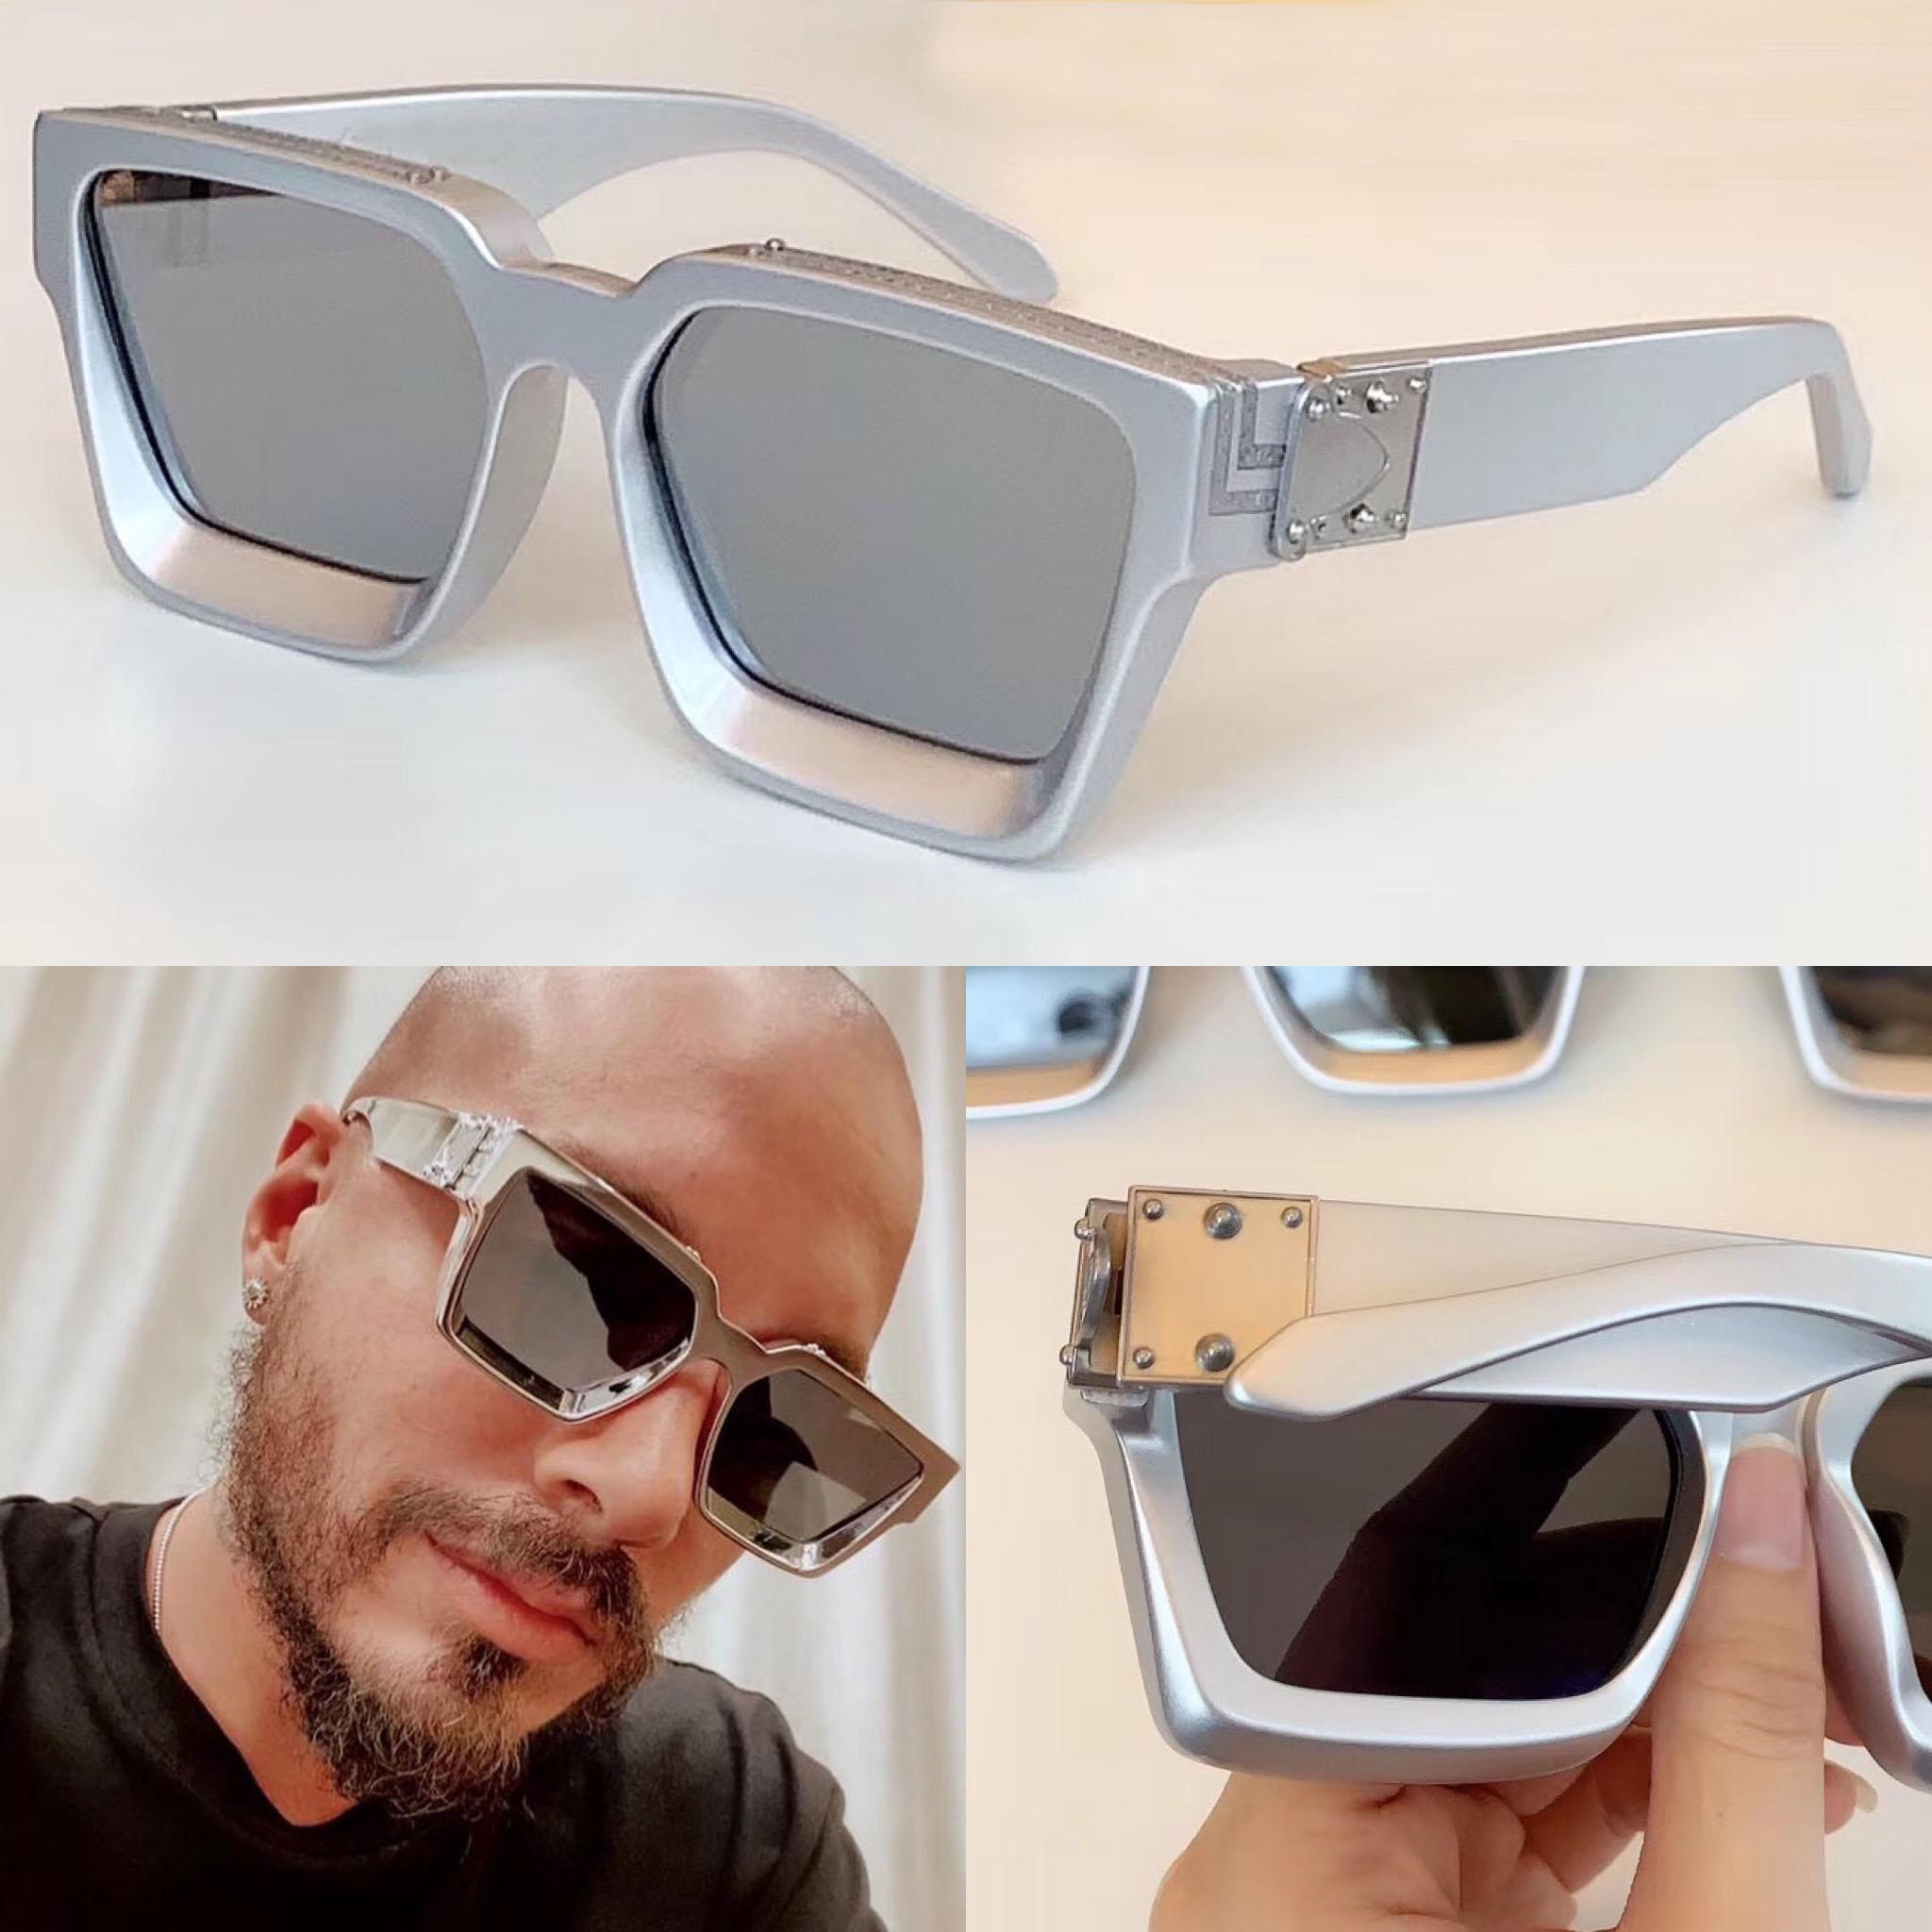 Popüler Moda Tasarım Güneş Gözlüğü Milyoner Kare Gümüş Çerçeve Klasik Tasarım Yeni Renk En Kaliteli Açık Avant-Garde UV400 Lens 1165